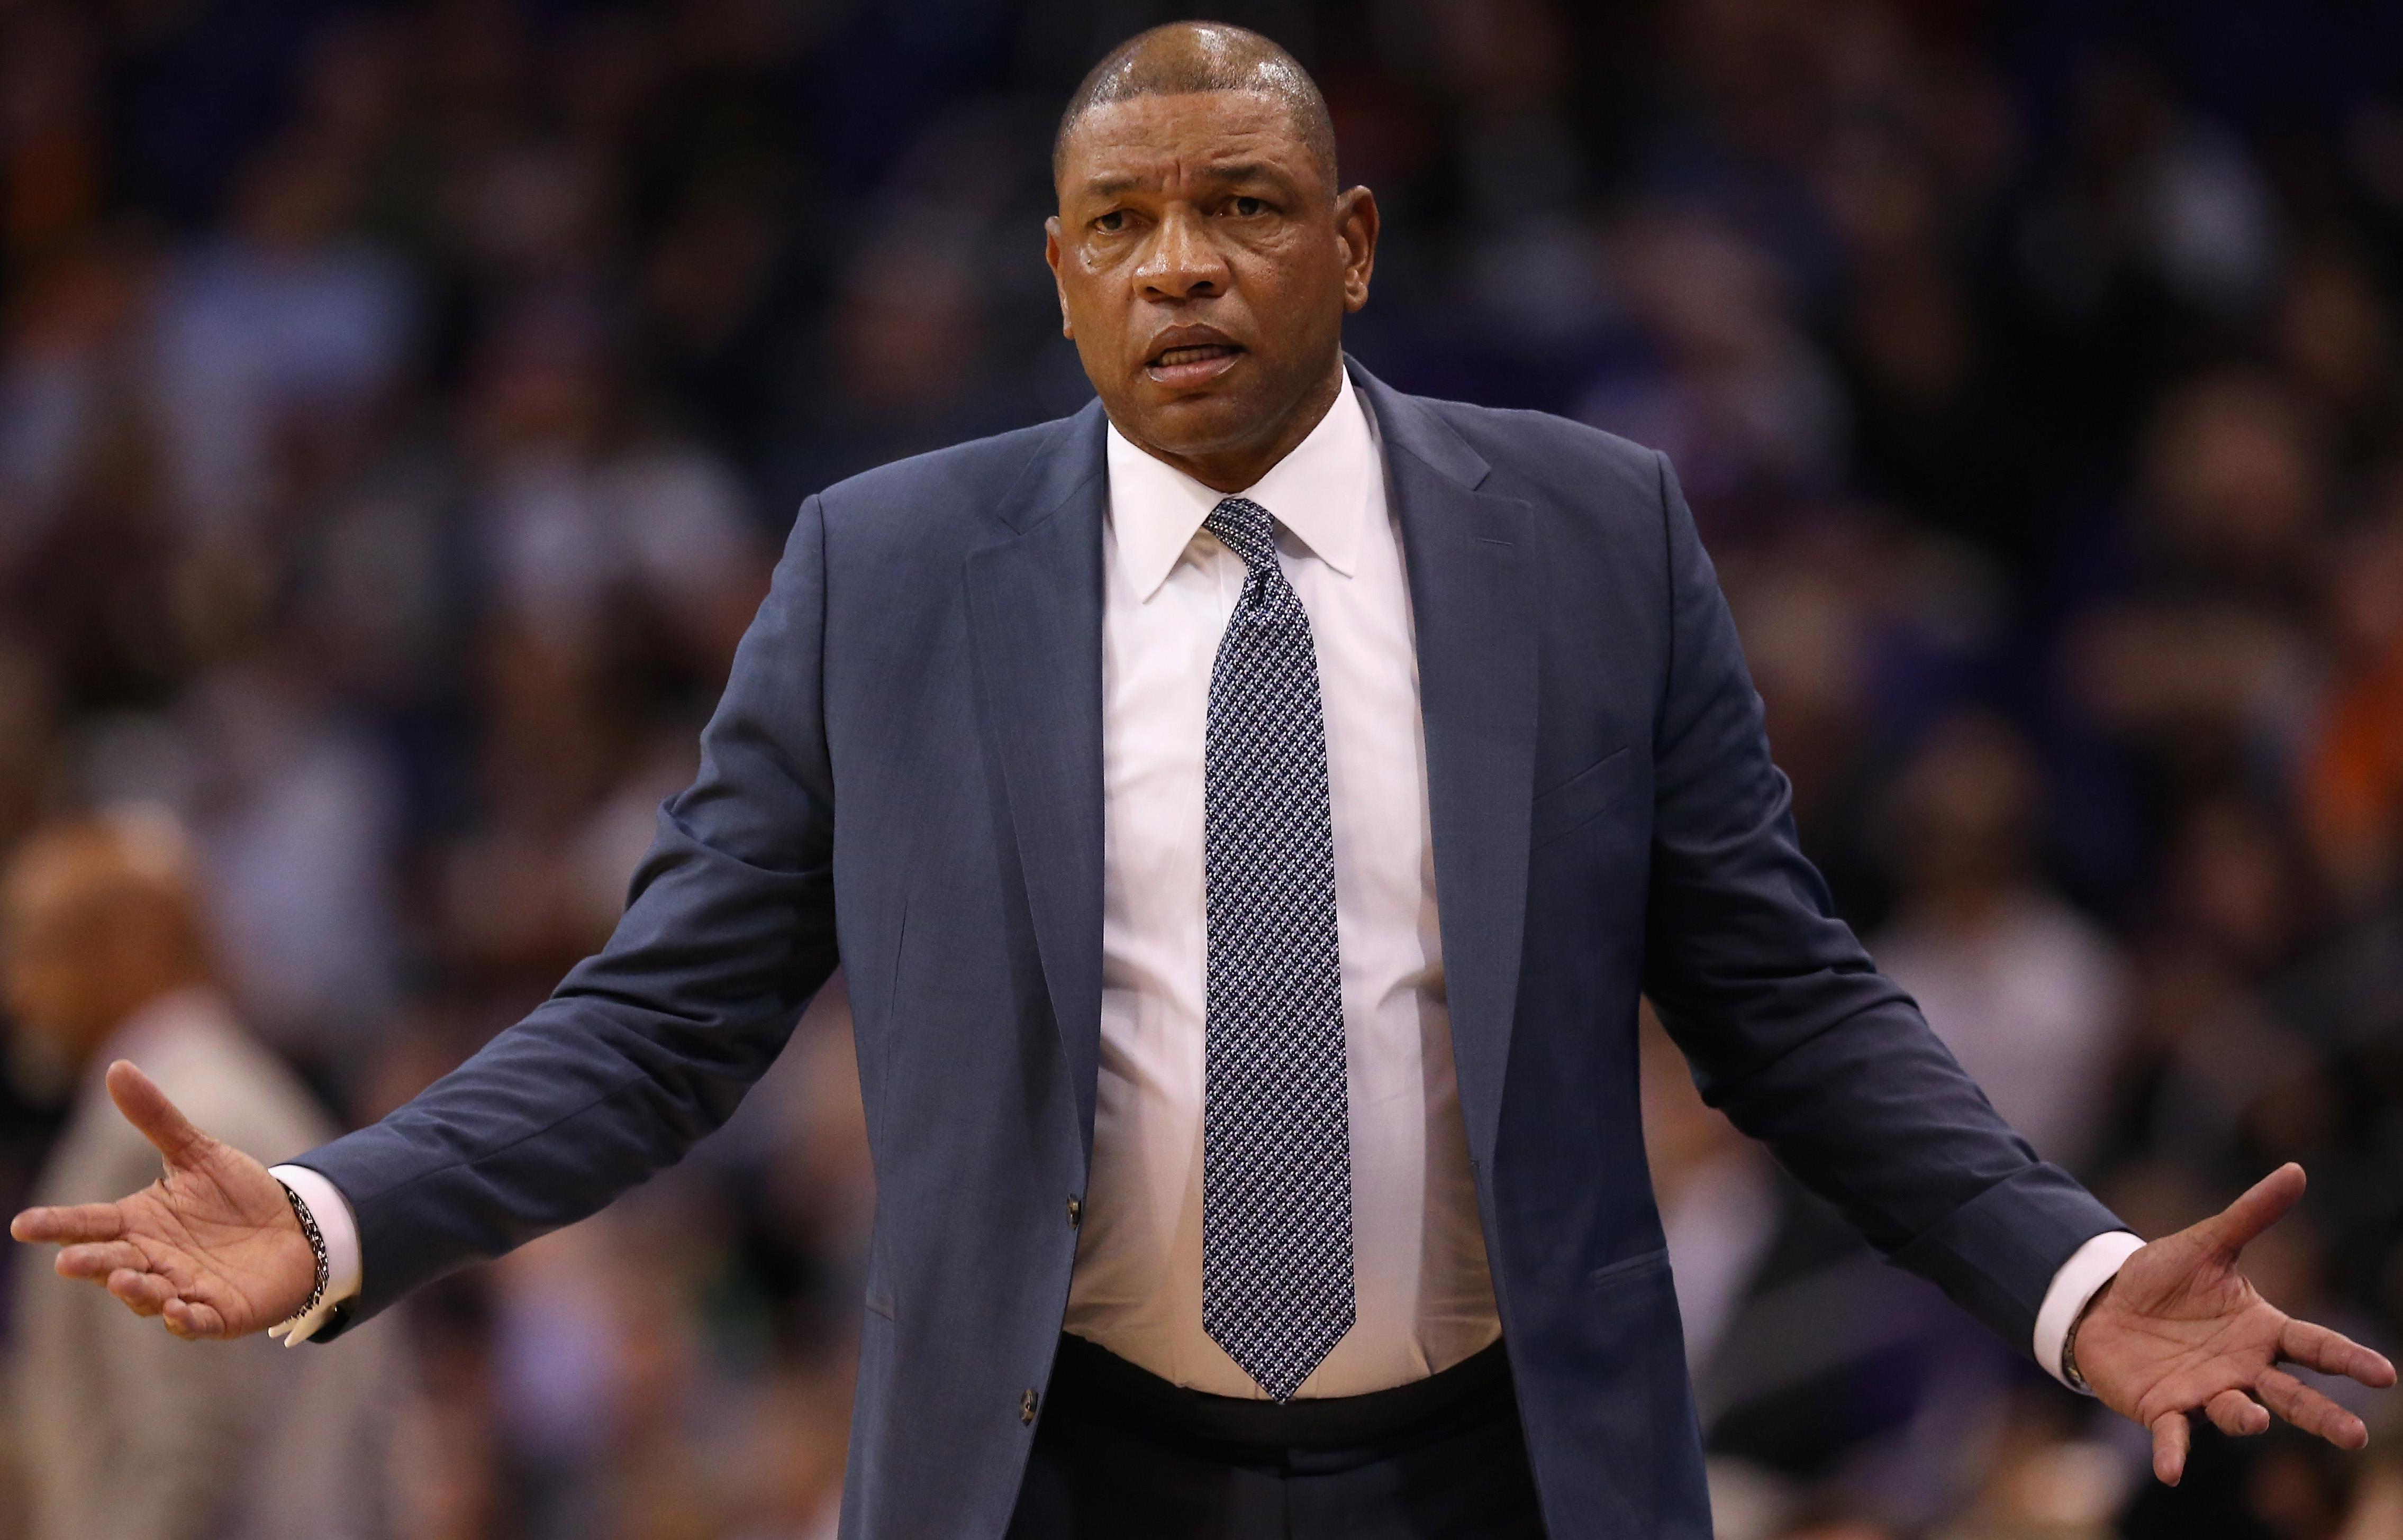 LA Clippers Coach Doc Rivers calls out U.S. Senator Josh Hawley